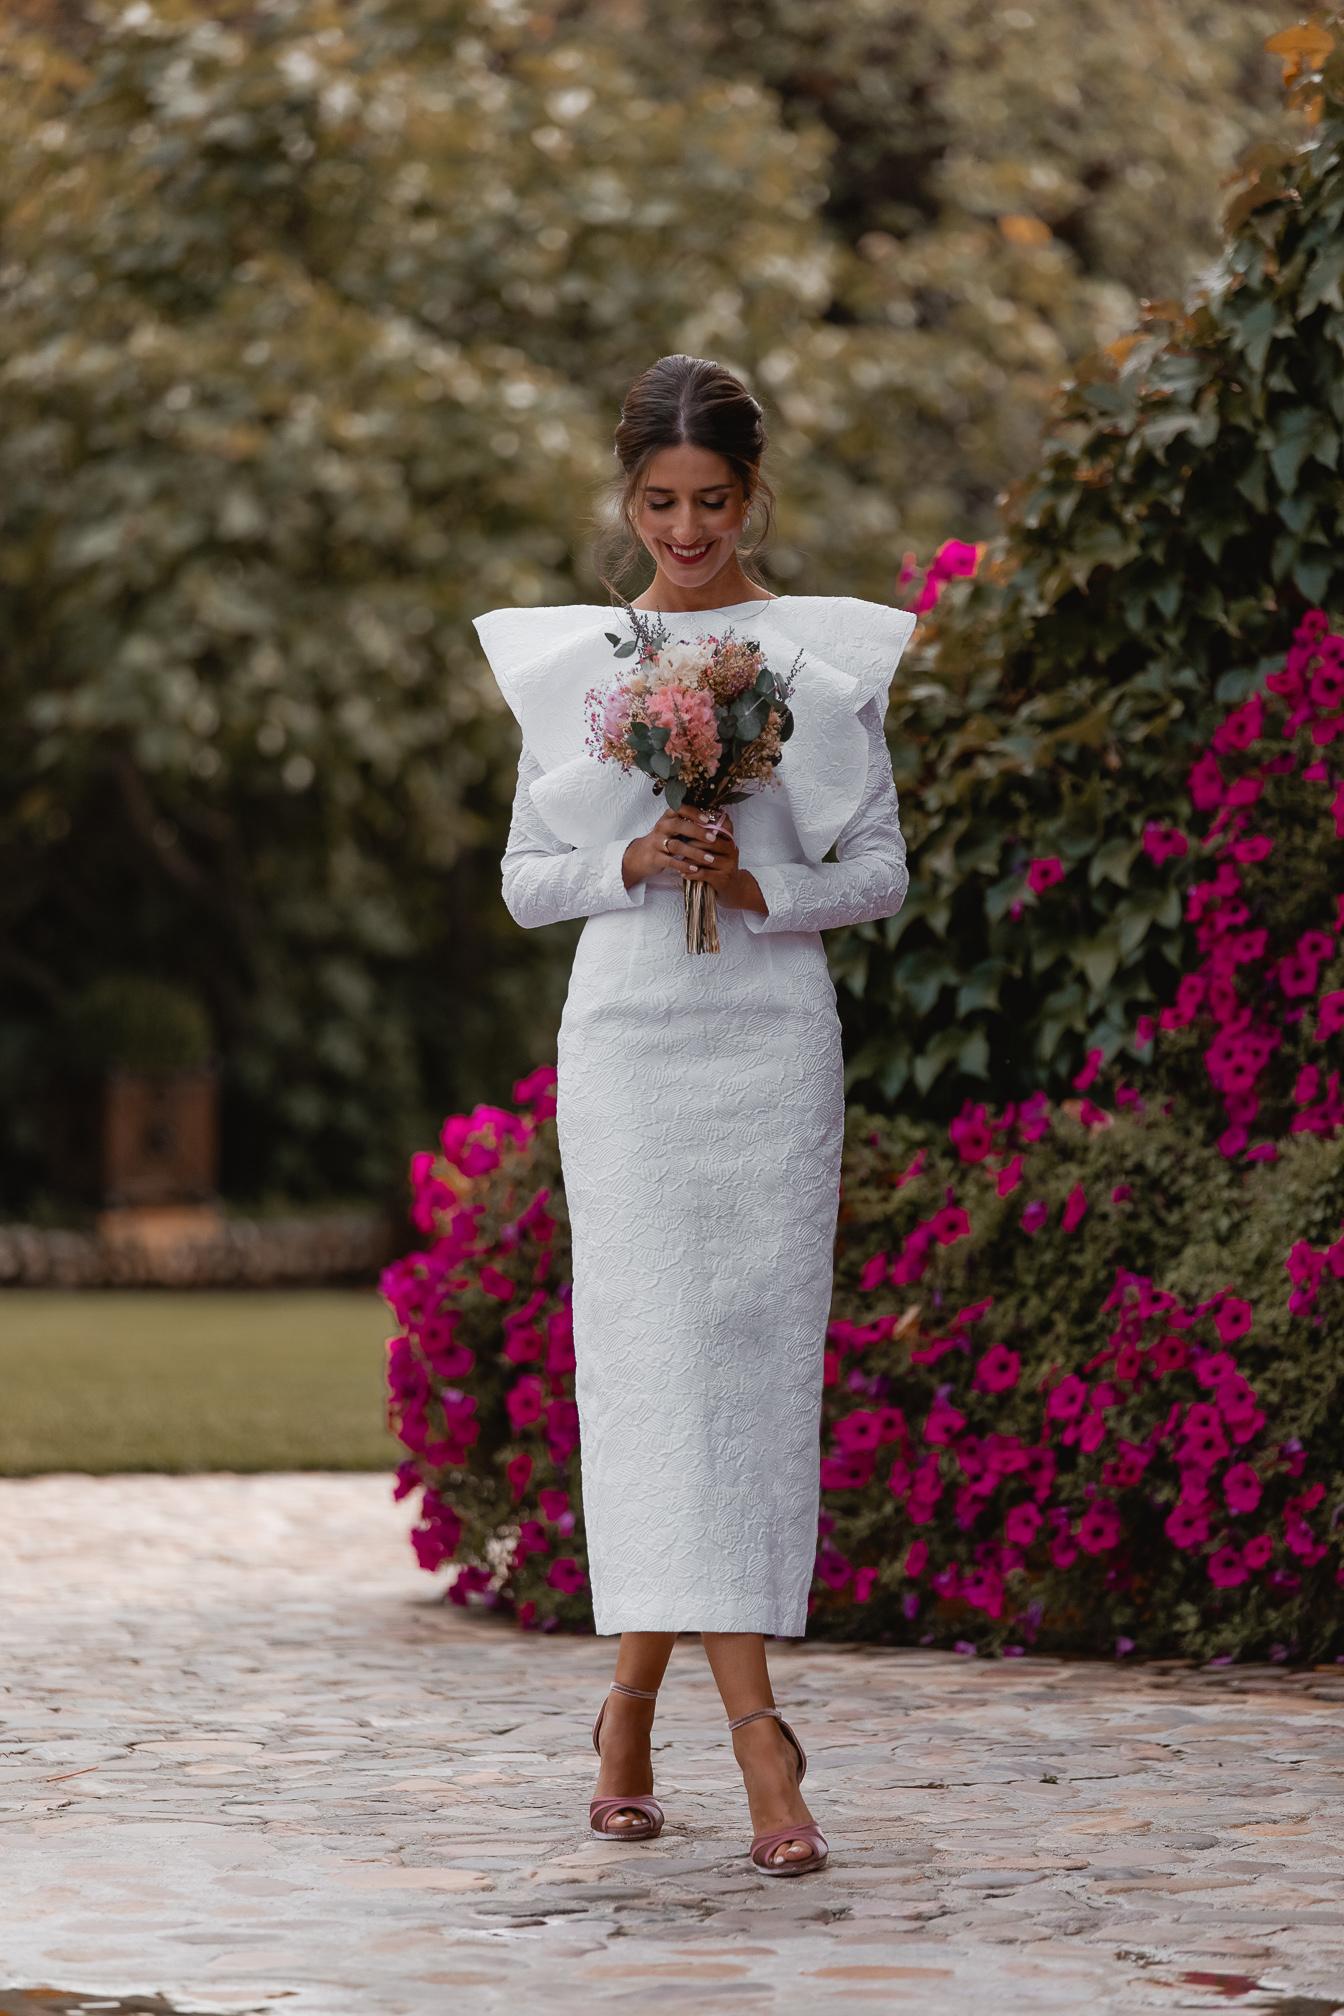 novias 2022 vestido midi